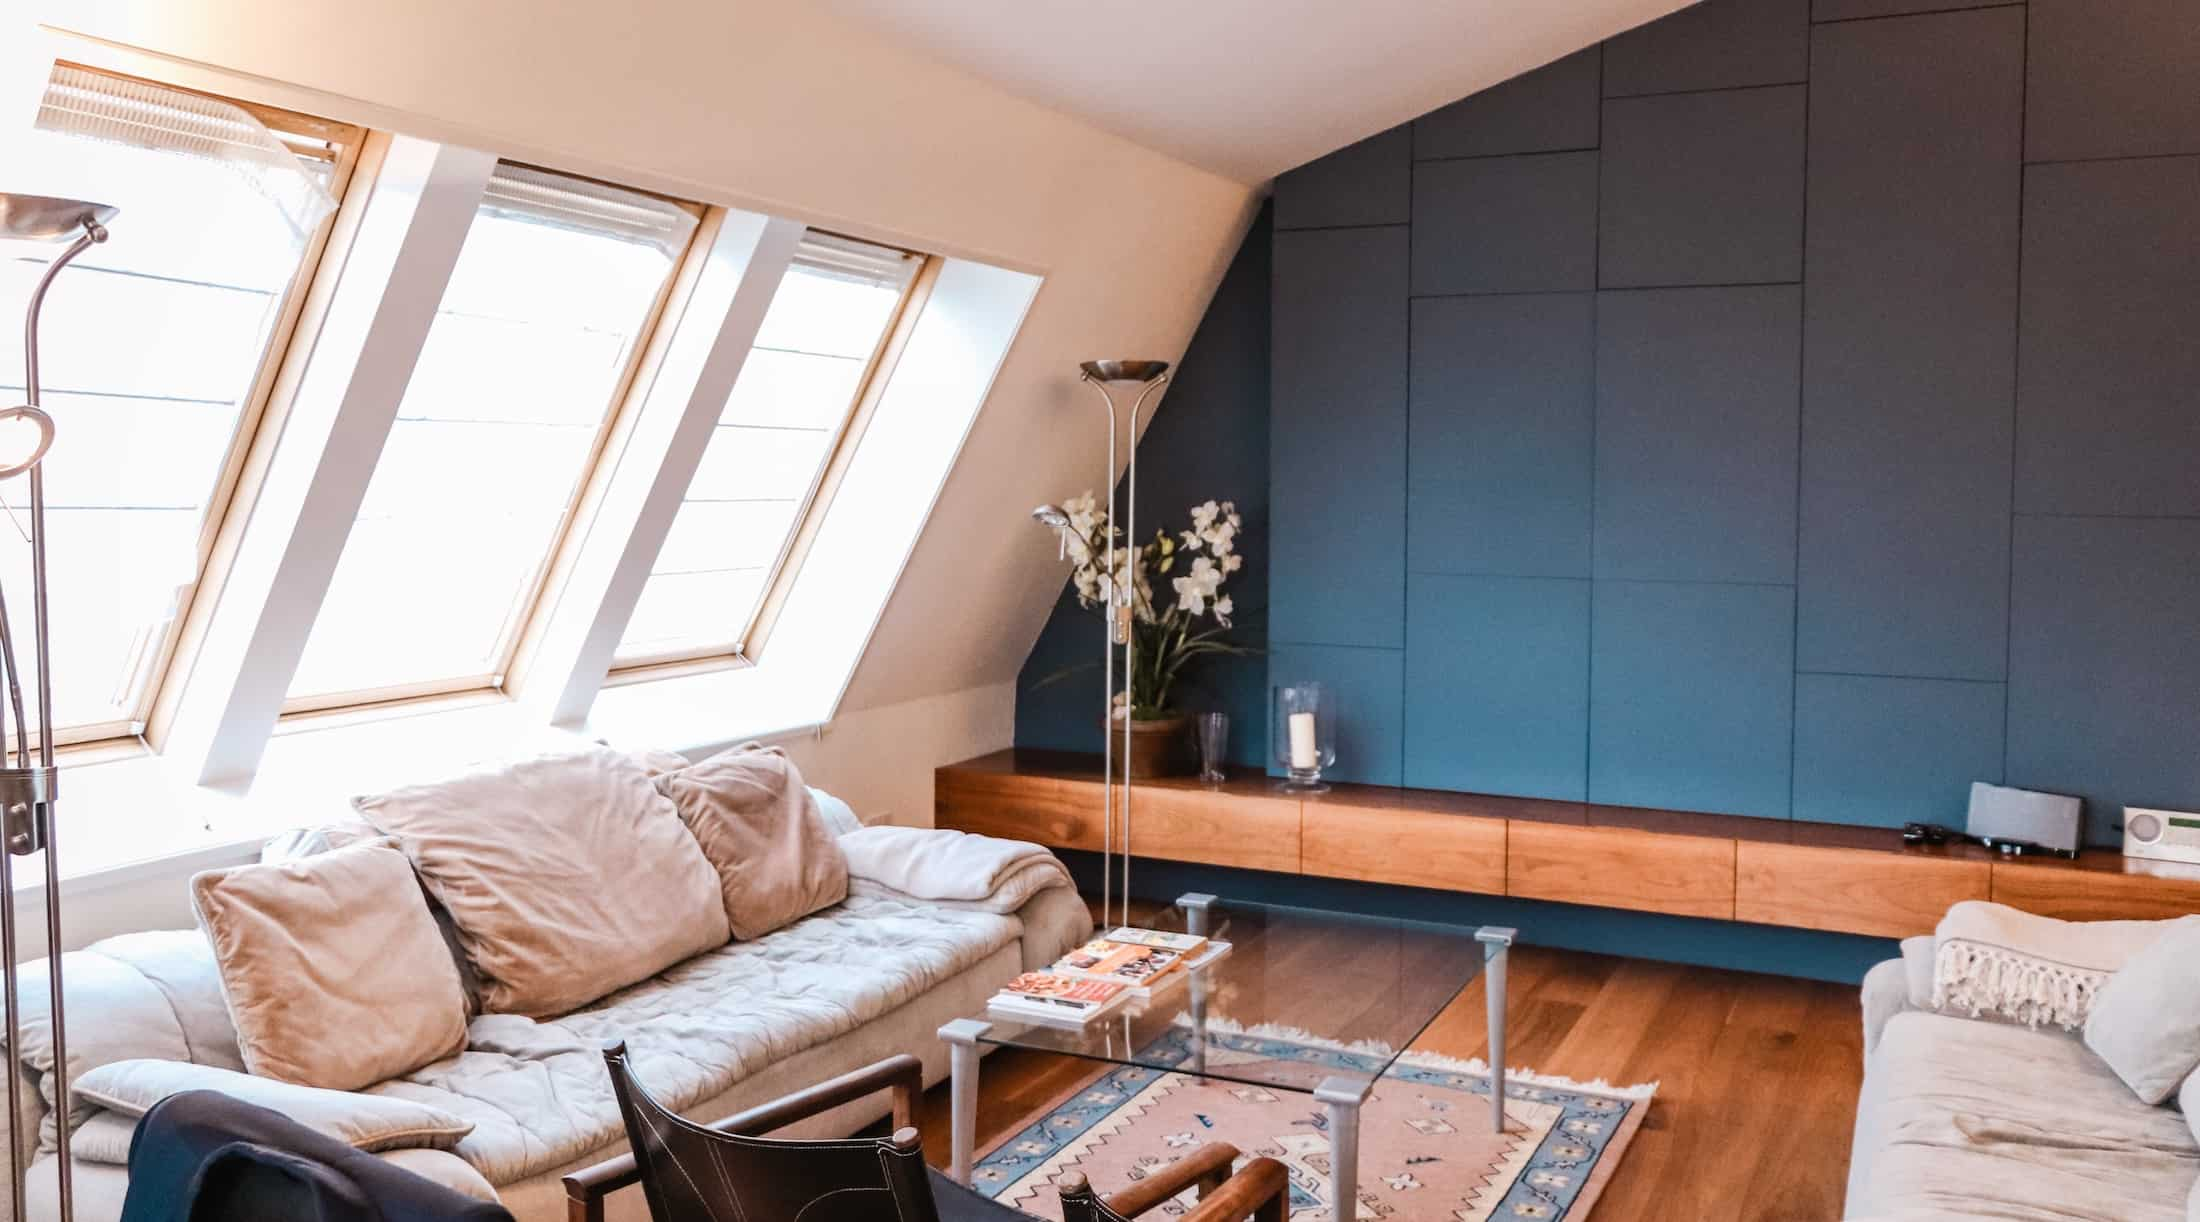 Millennial apartment amenities